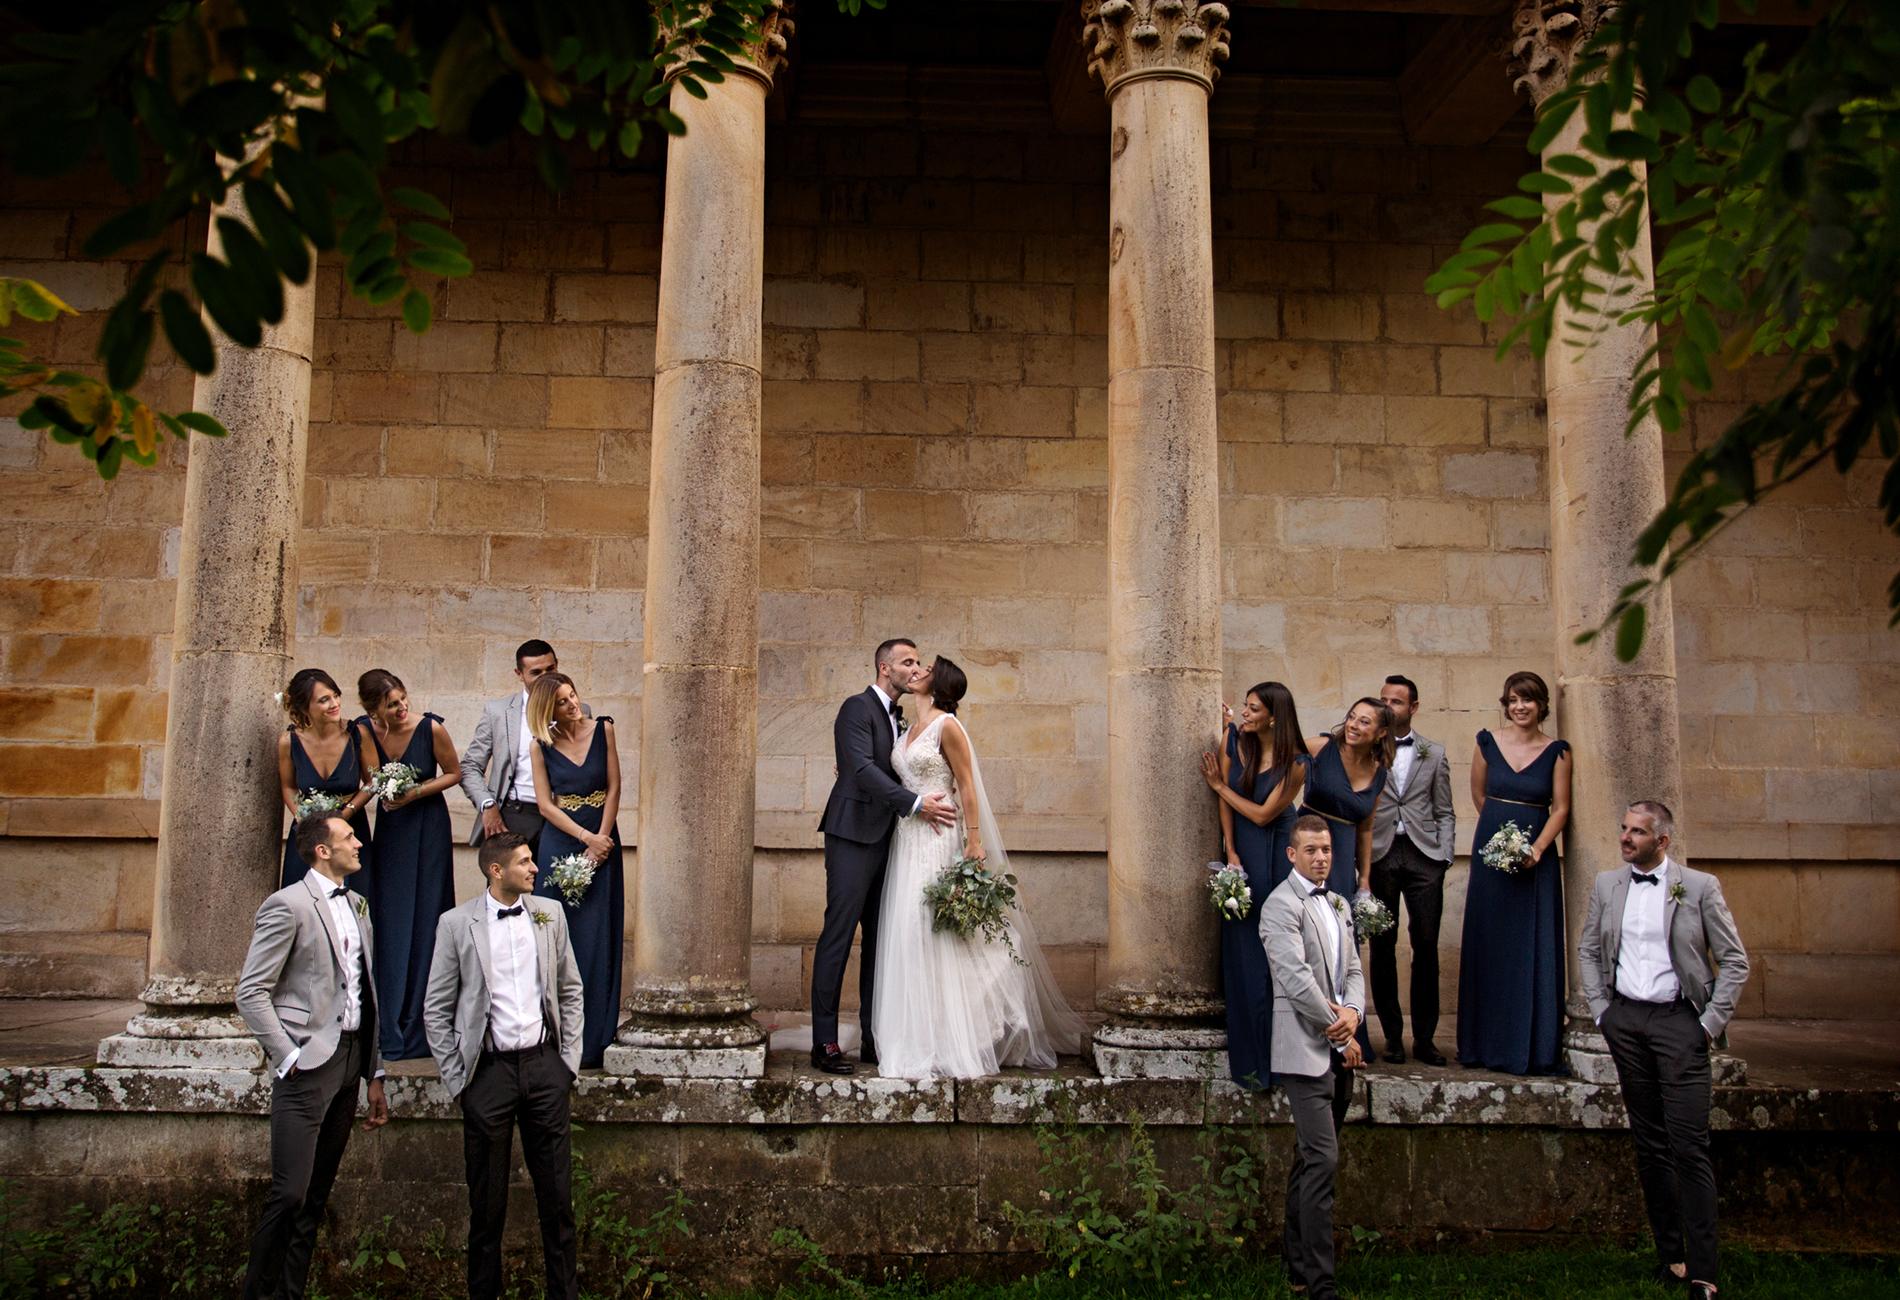 Las mejores ideas de fotografías de boda con amigos